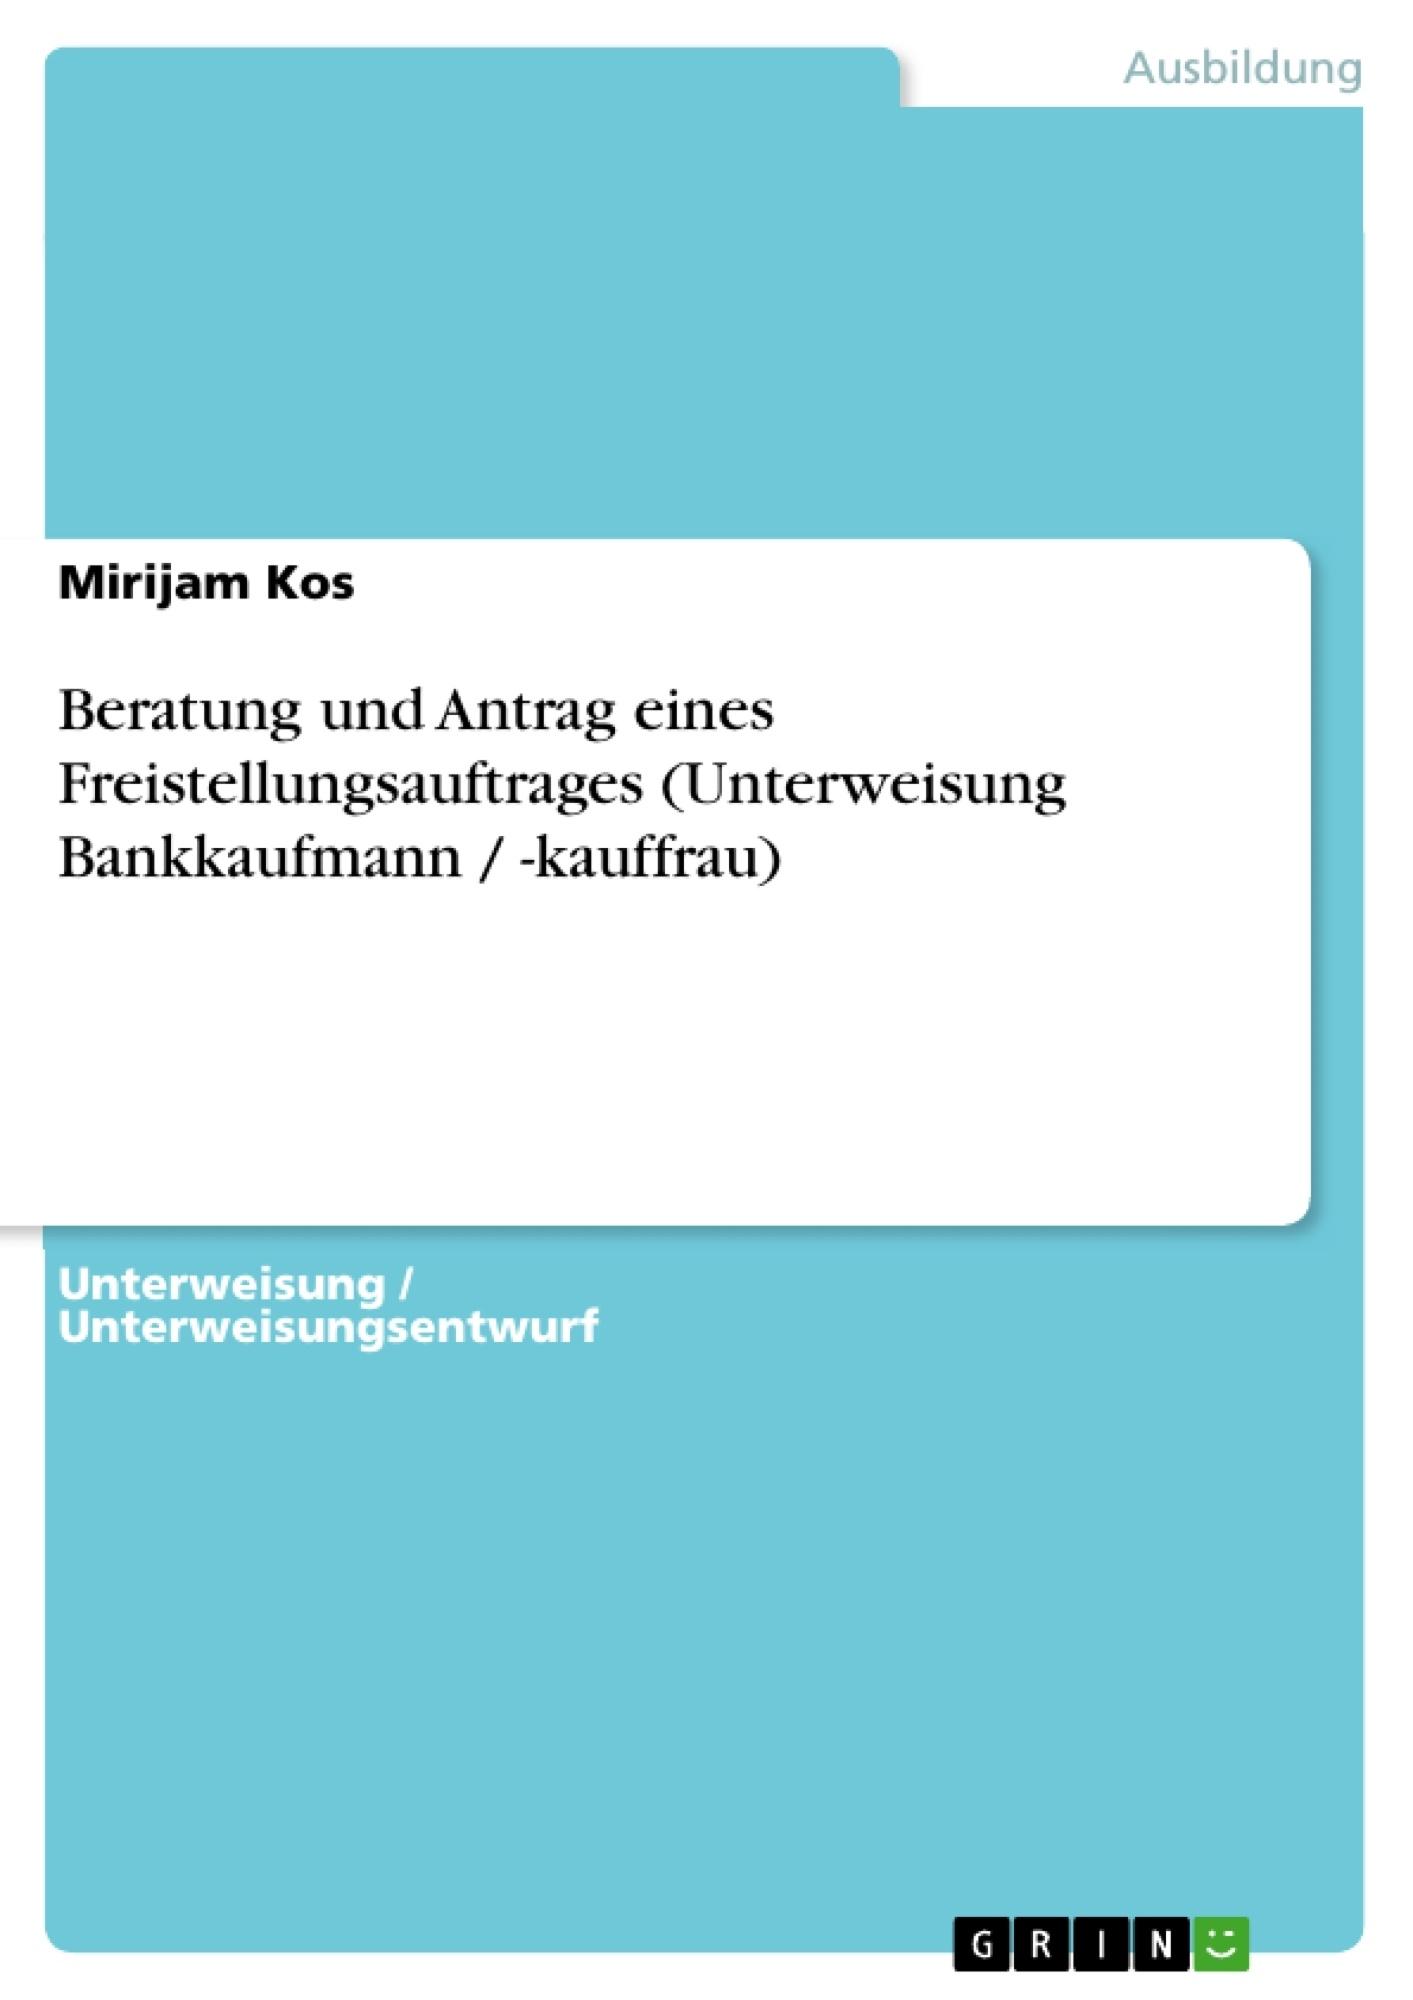 Titel: Beratung und Antrag eines Freistellungsauftrages (Unterweisung Bankkaufmann / -kauffrau)